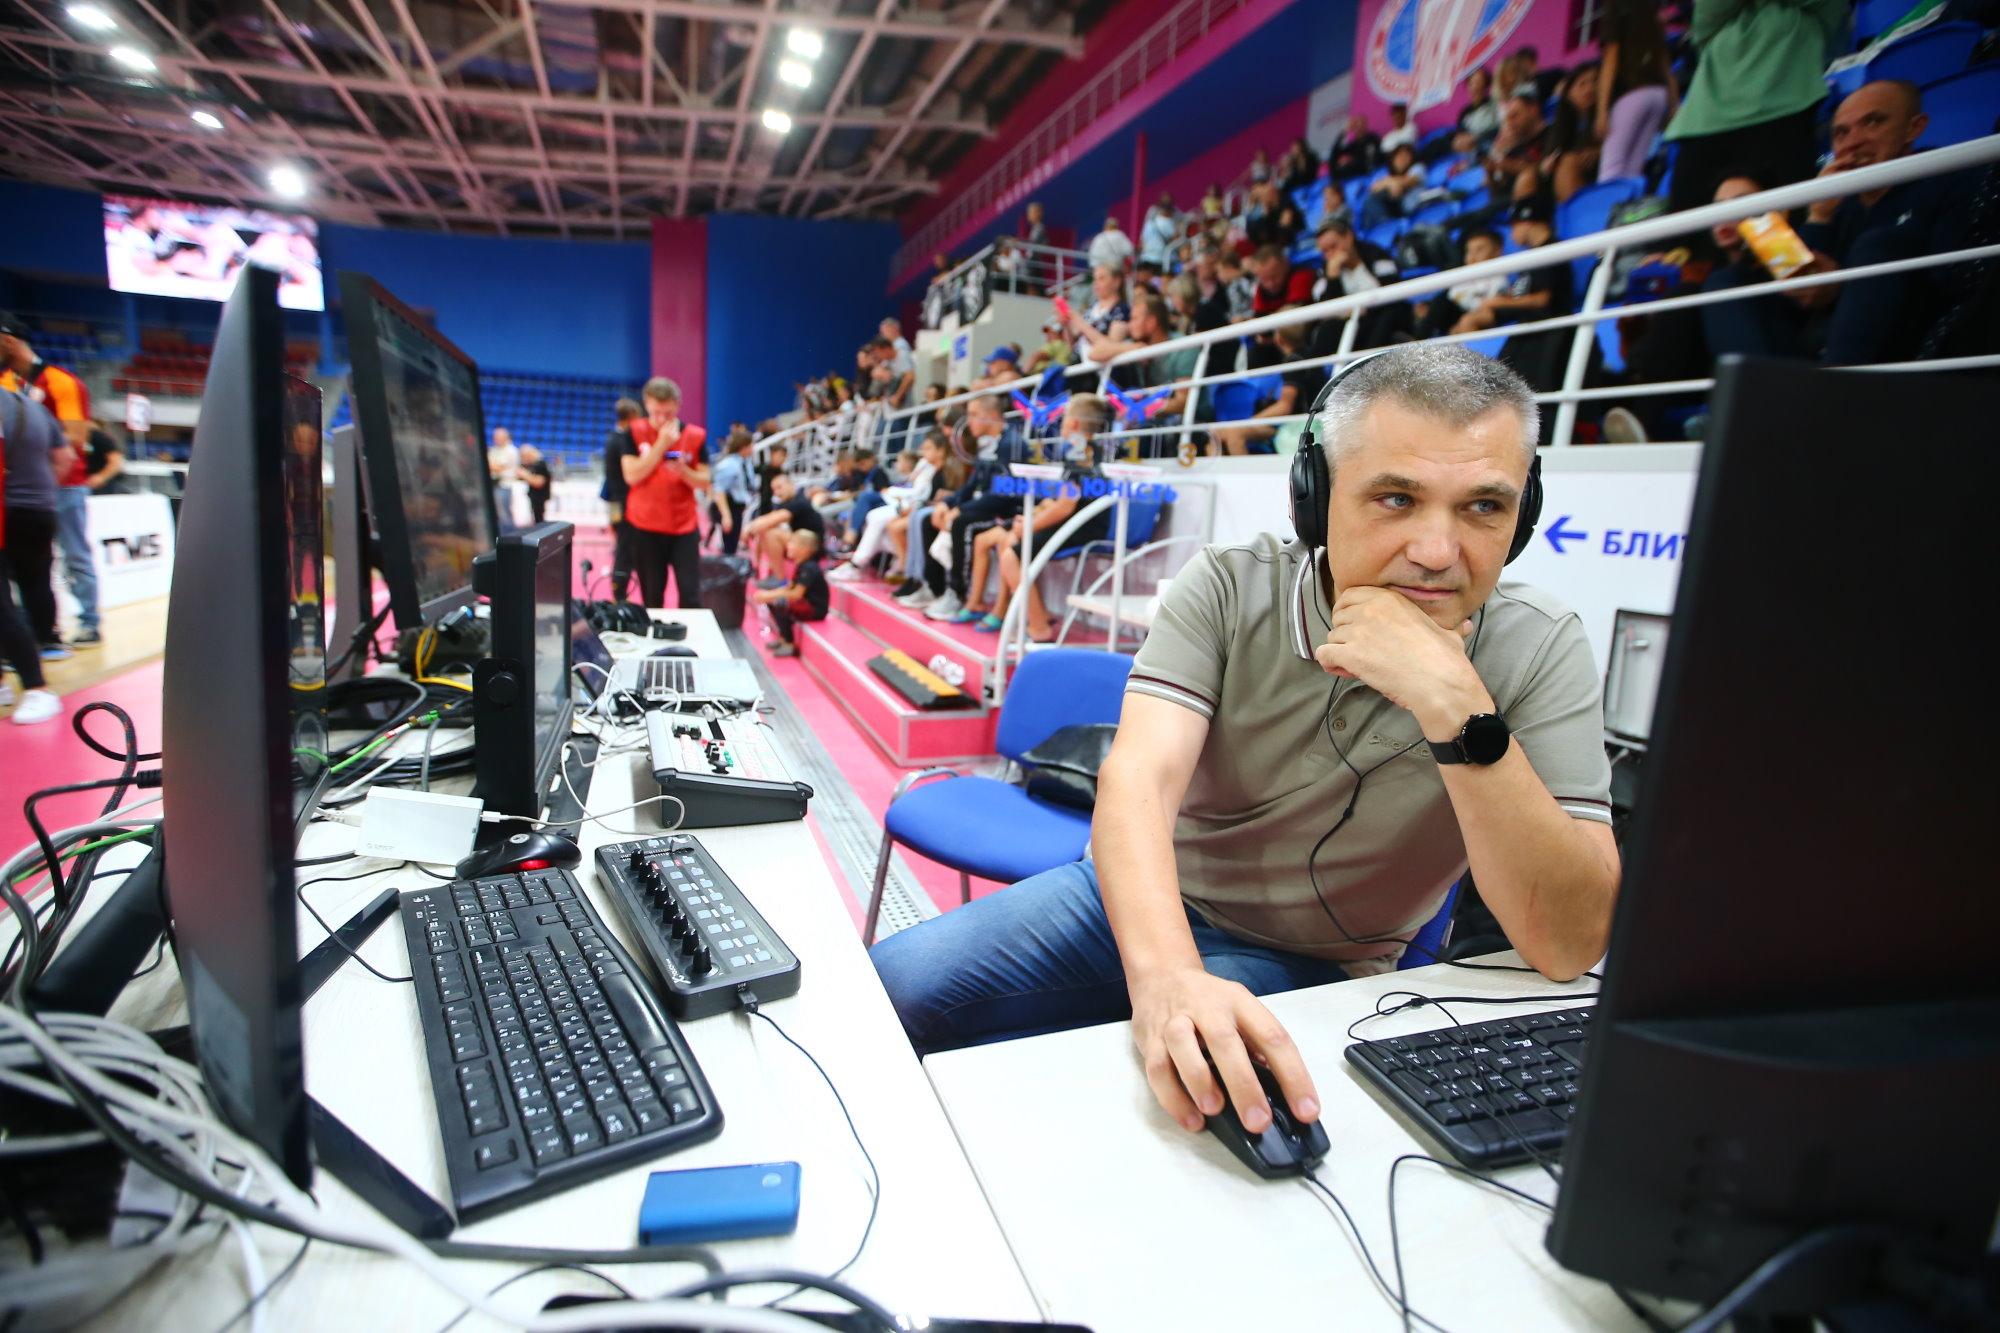 Роман Поляченко – медиадиректор украинского баскетбольного клуба Запорожье